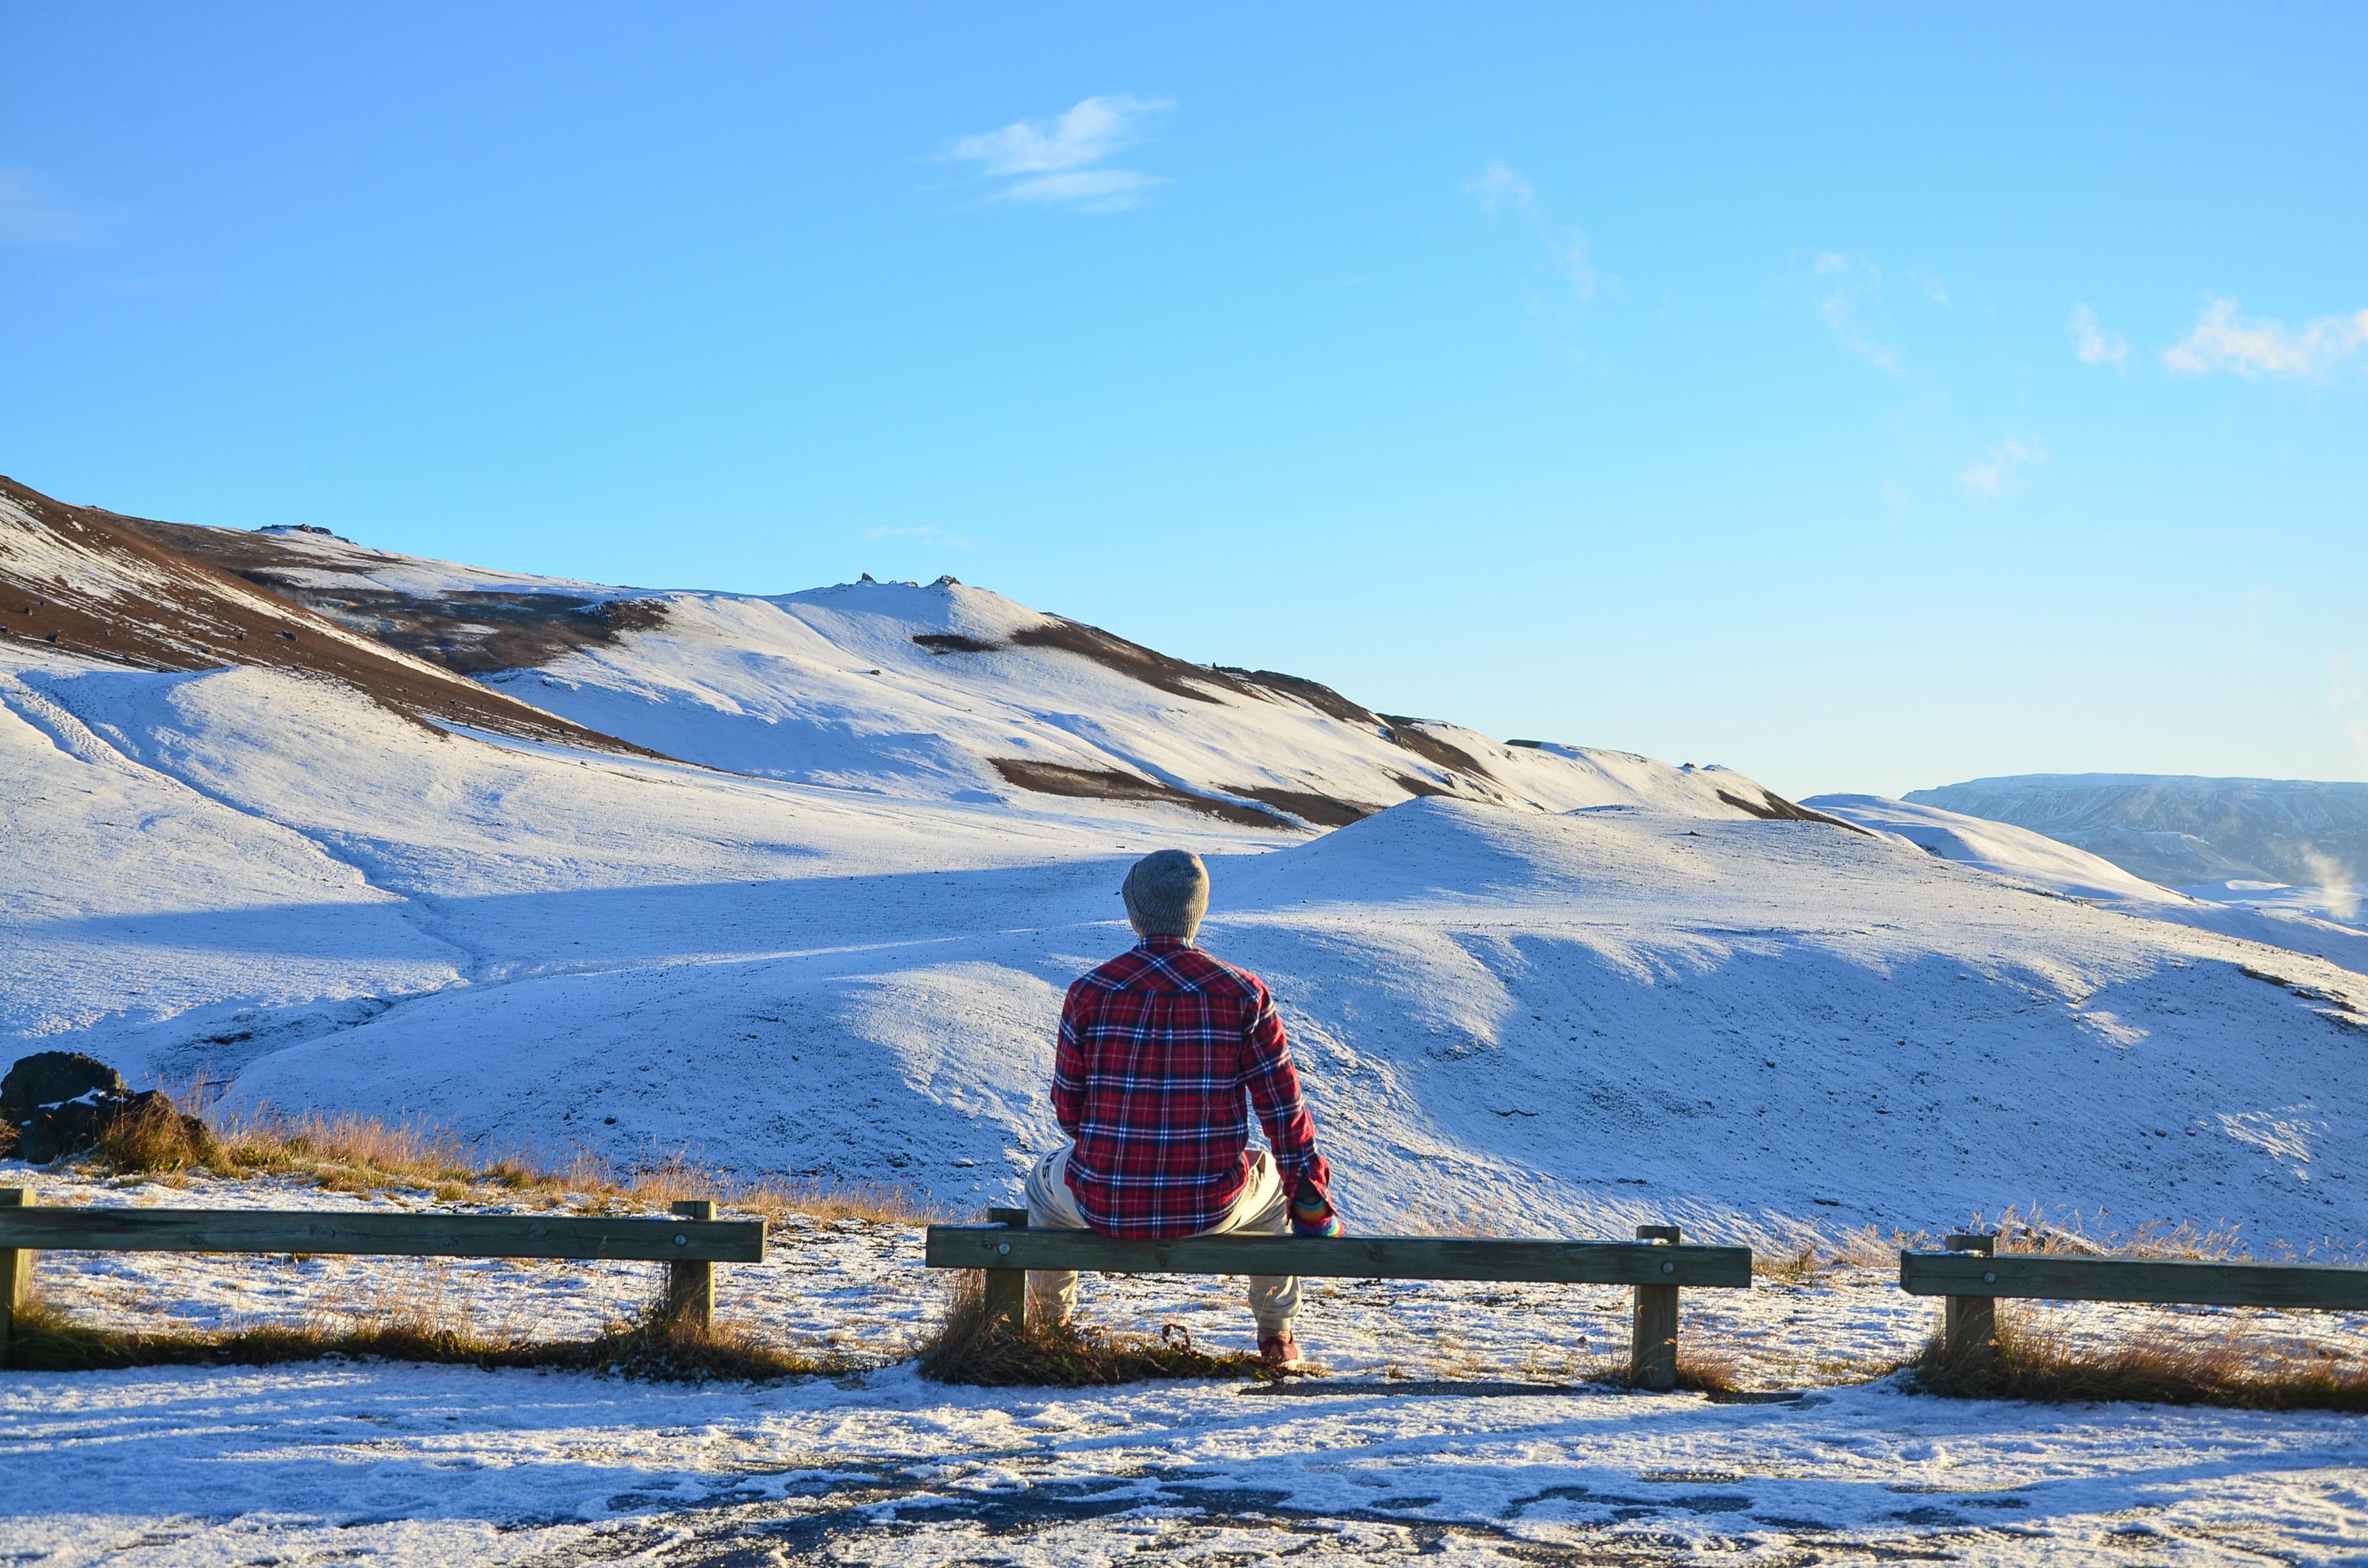 暖綿綿。雪